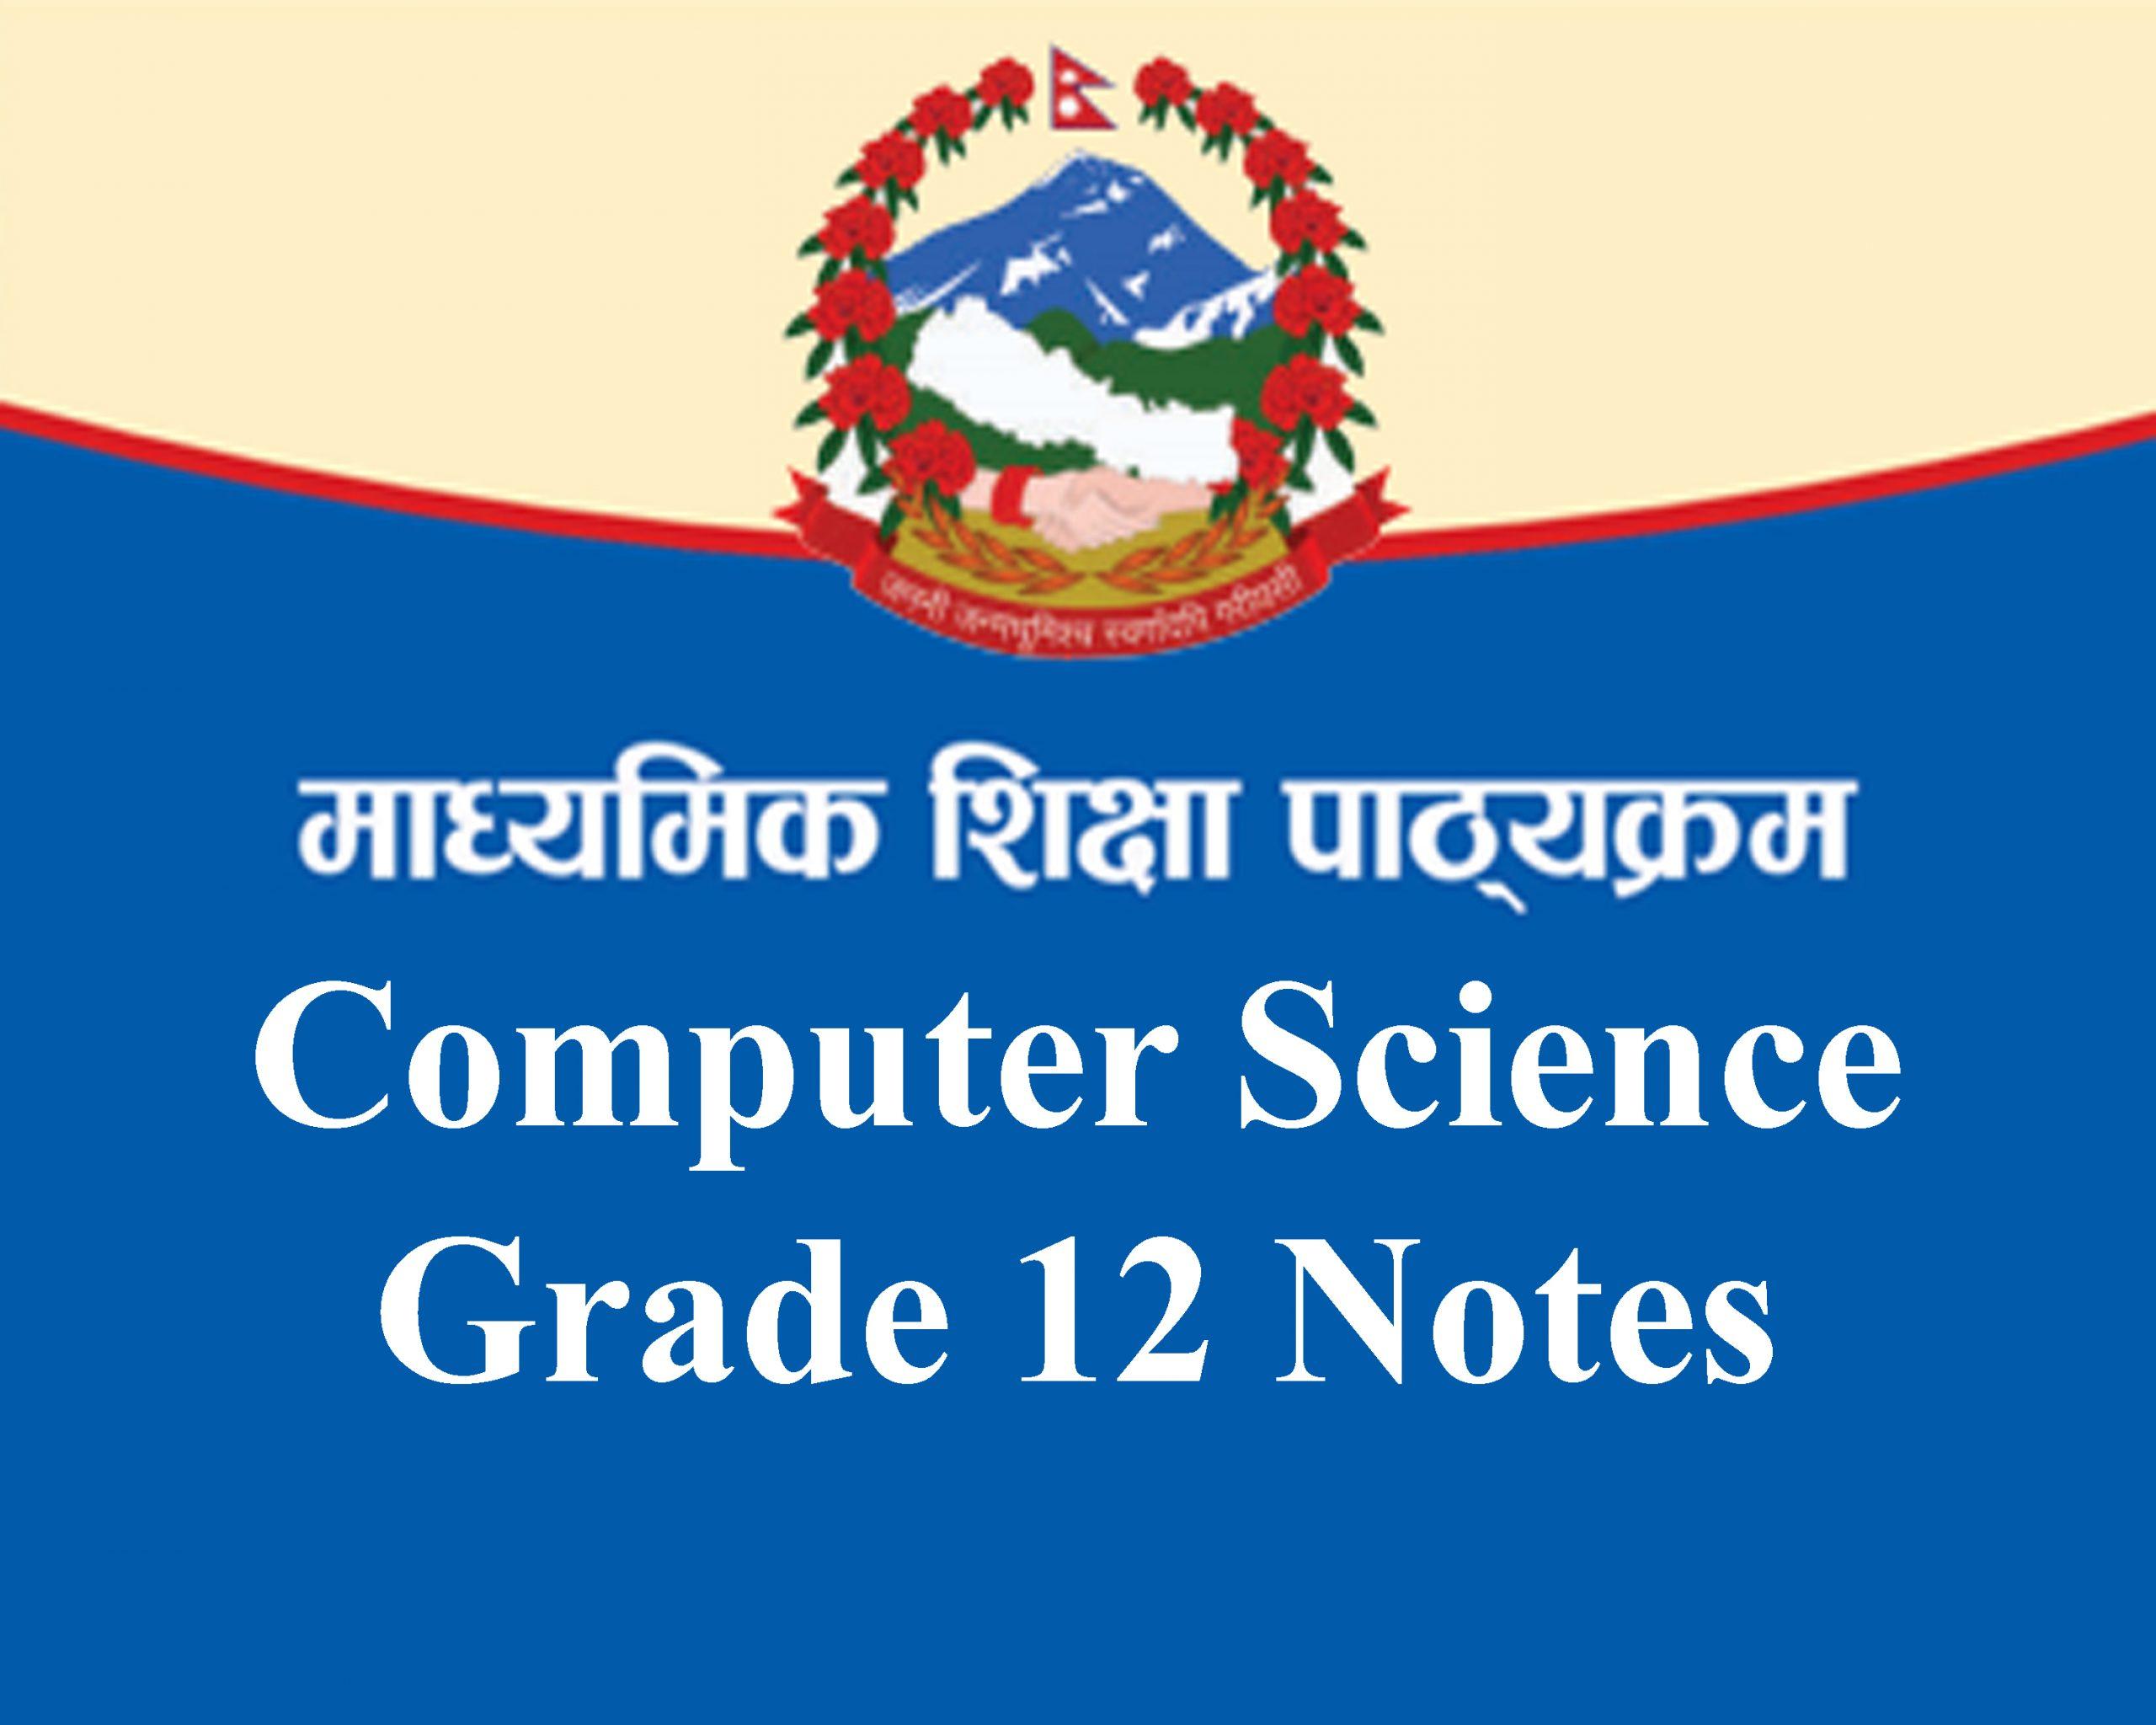 Computer Science Grade 12 notes